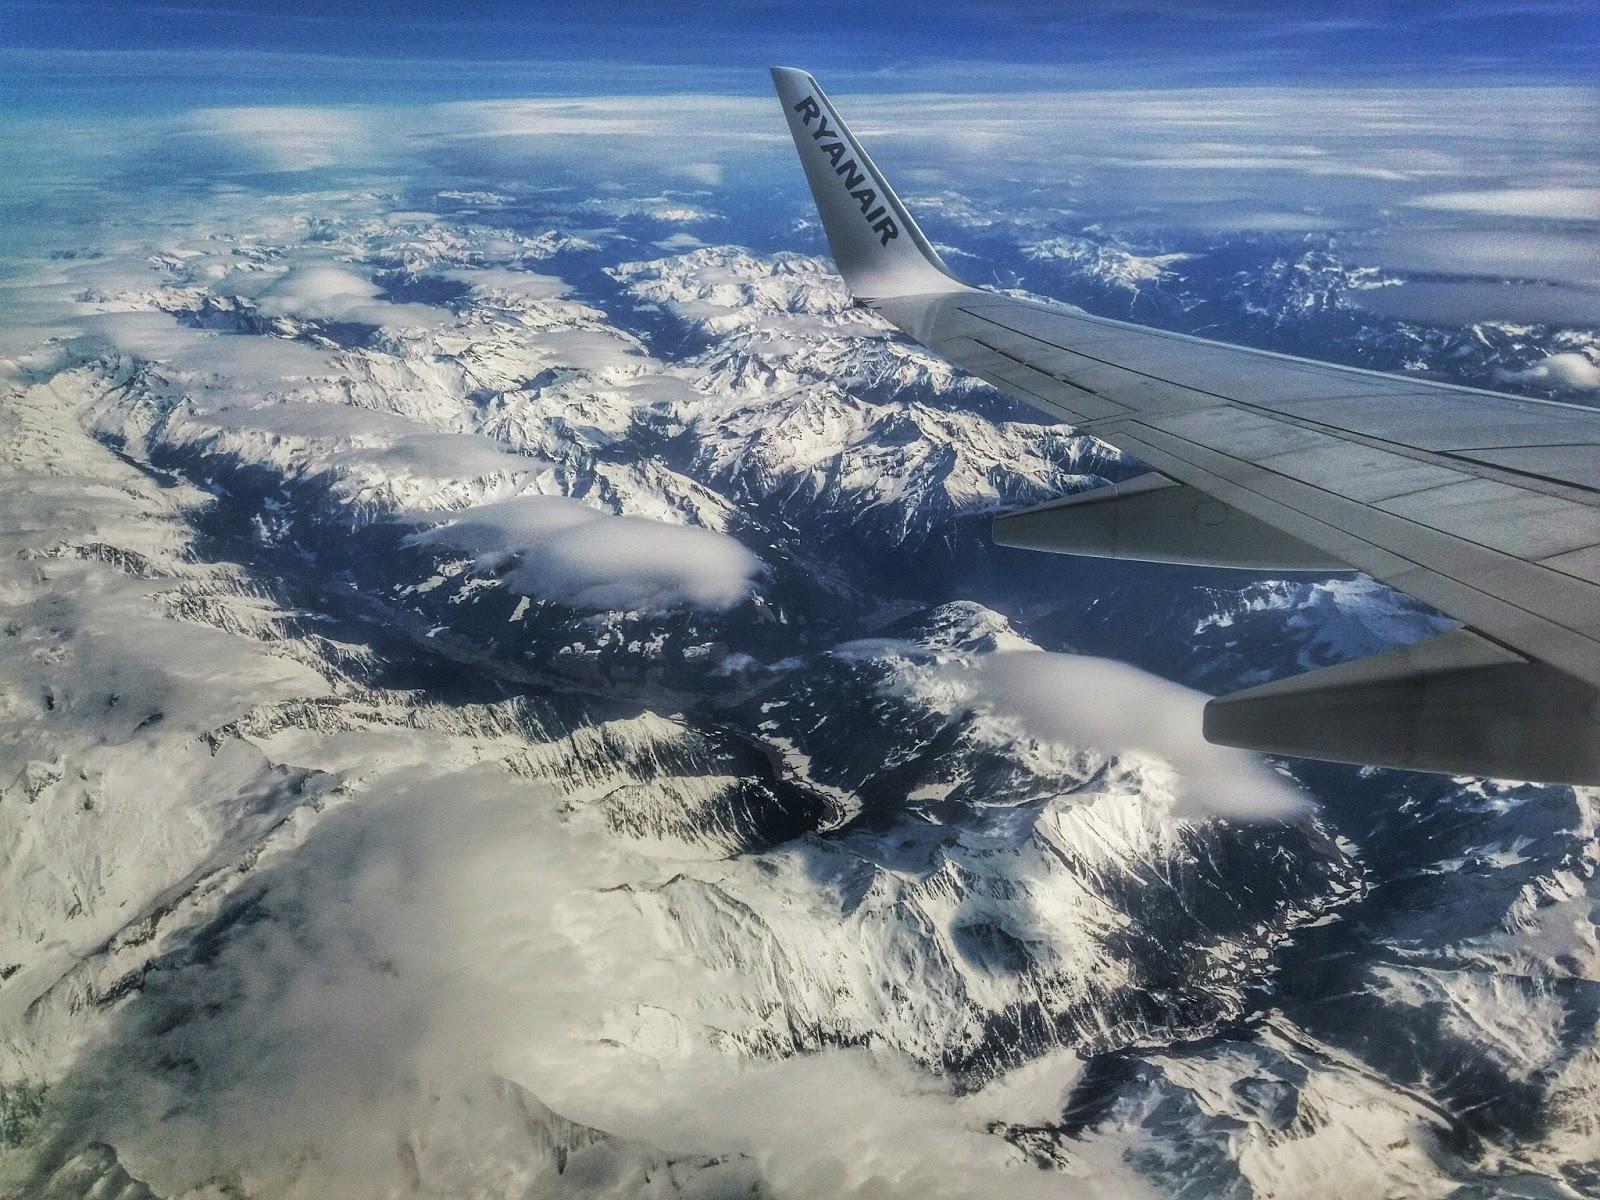 Samolot - odszkodowanie za opóźniony lot